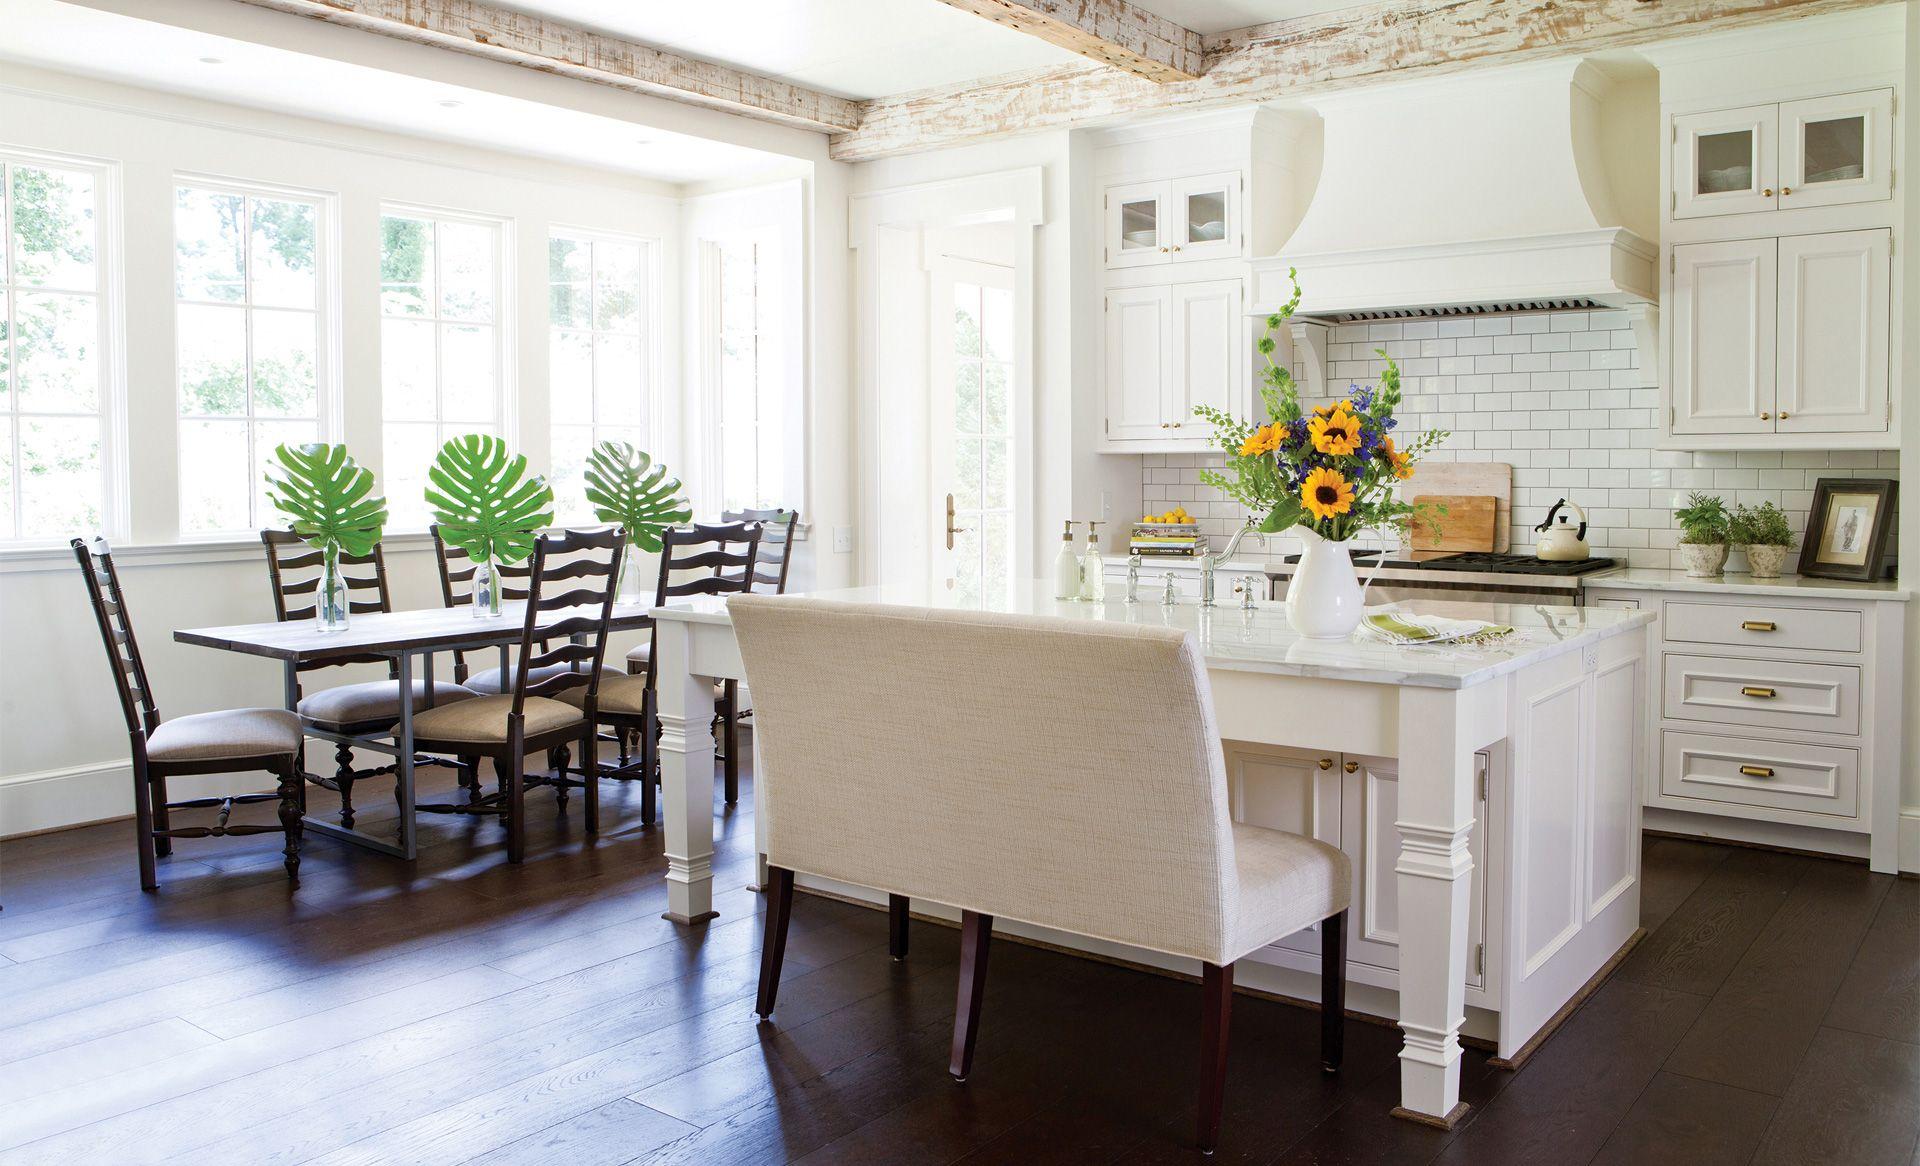 Best Kitchen Gallery: Wellborn Cabi Inc Kitchen Makeover Pinterest Wellborn of Beach Cottage Kitchen Hood Designs on rachelxblog.com